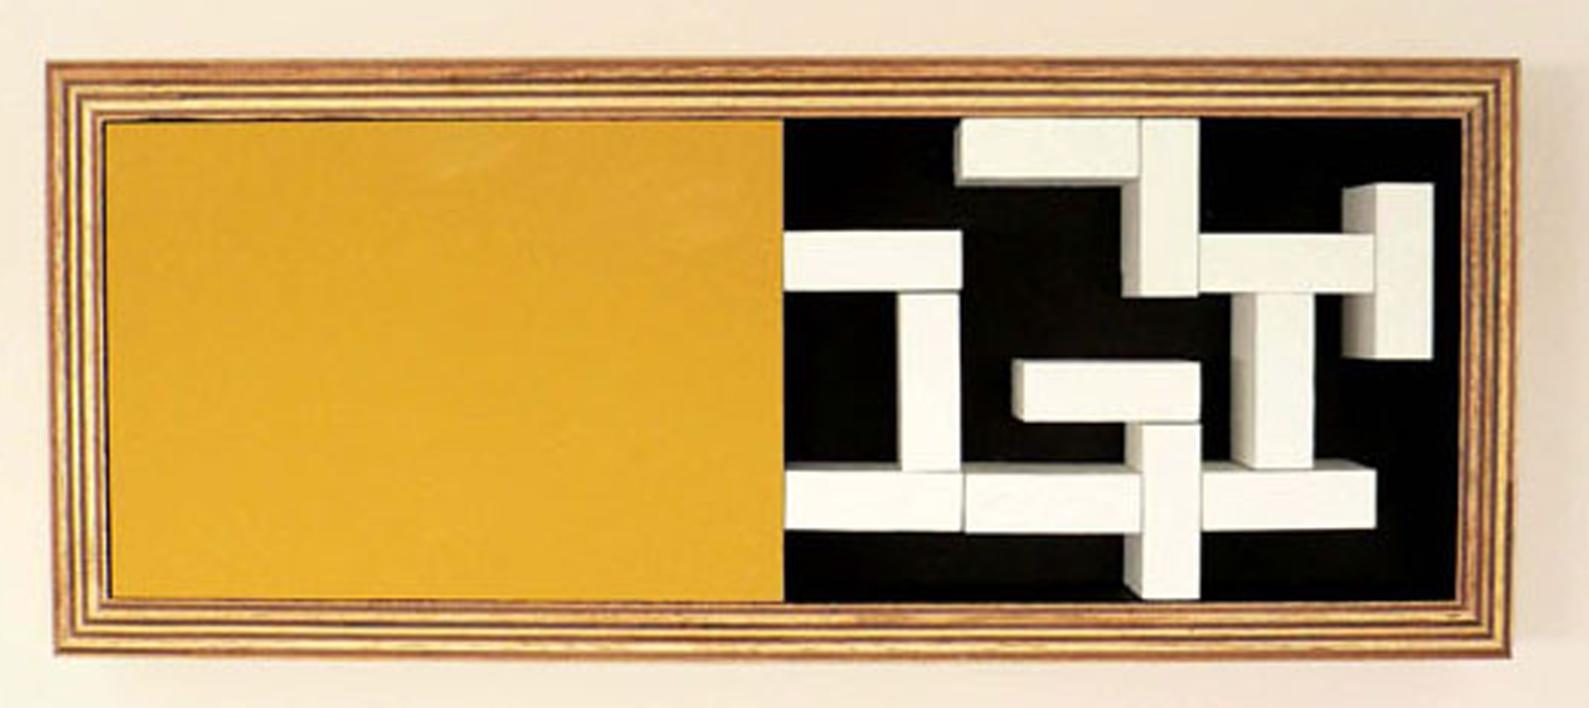 Móvil Interactivo 0135 |Escultura de pared de Manuel Izquierdo | Compra arte en Flecha.es